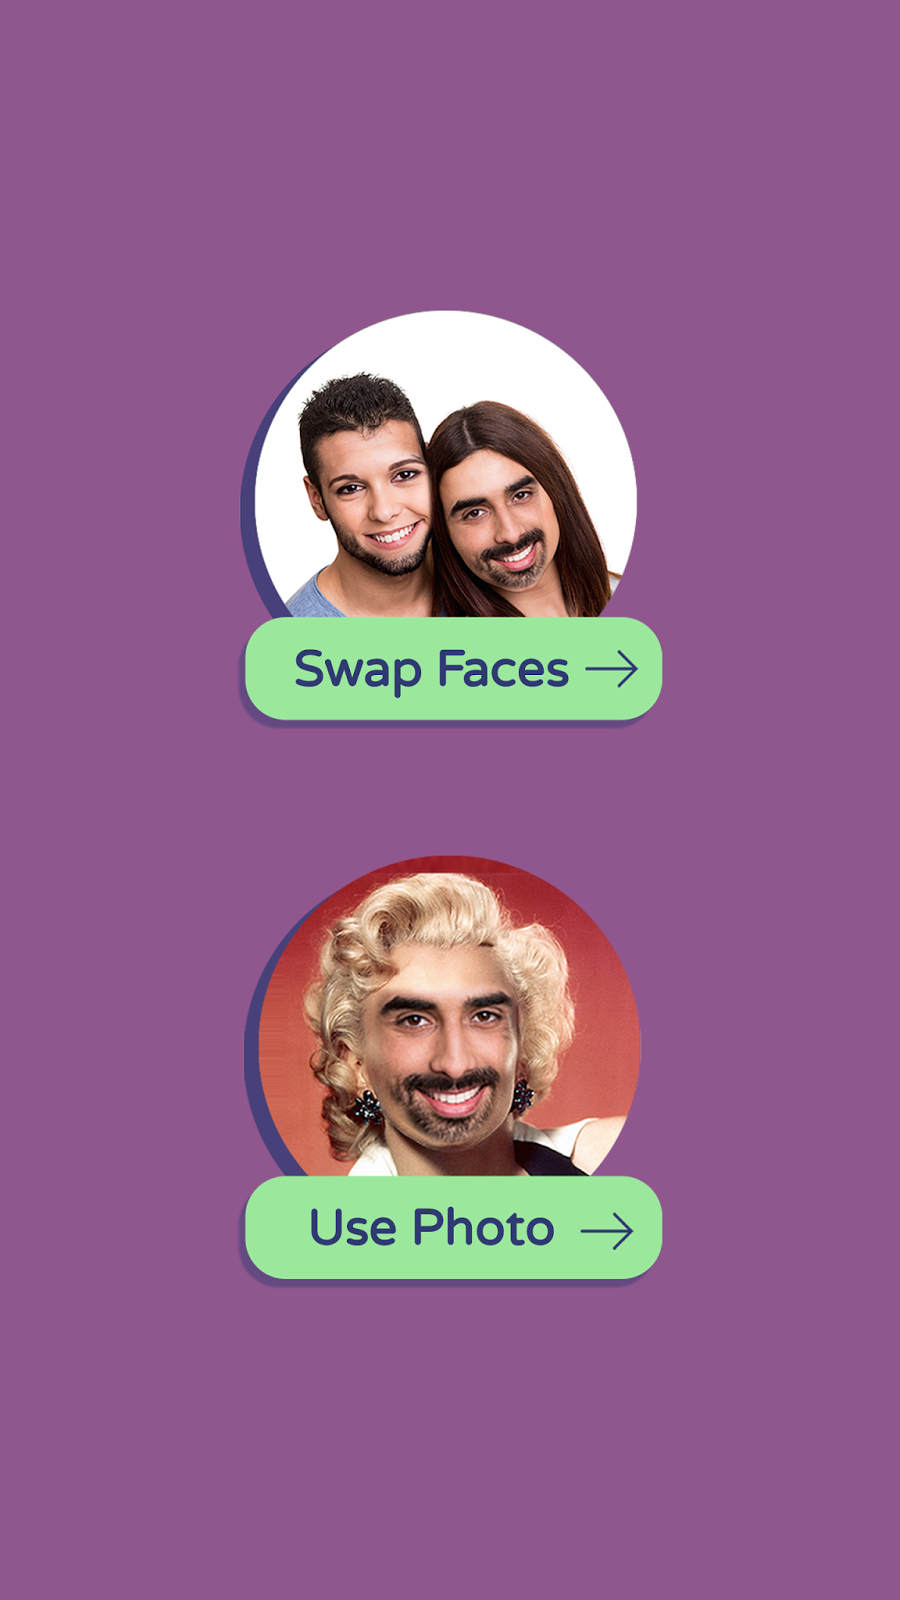 تطبيق Face Swap لاستبدال وجهك باحد المشاهير او بوجه صديقك | بحرية درويد